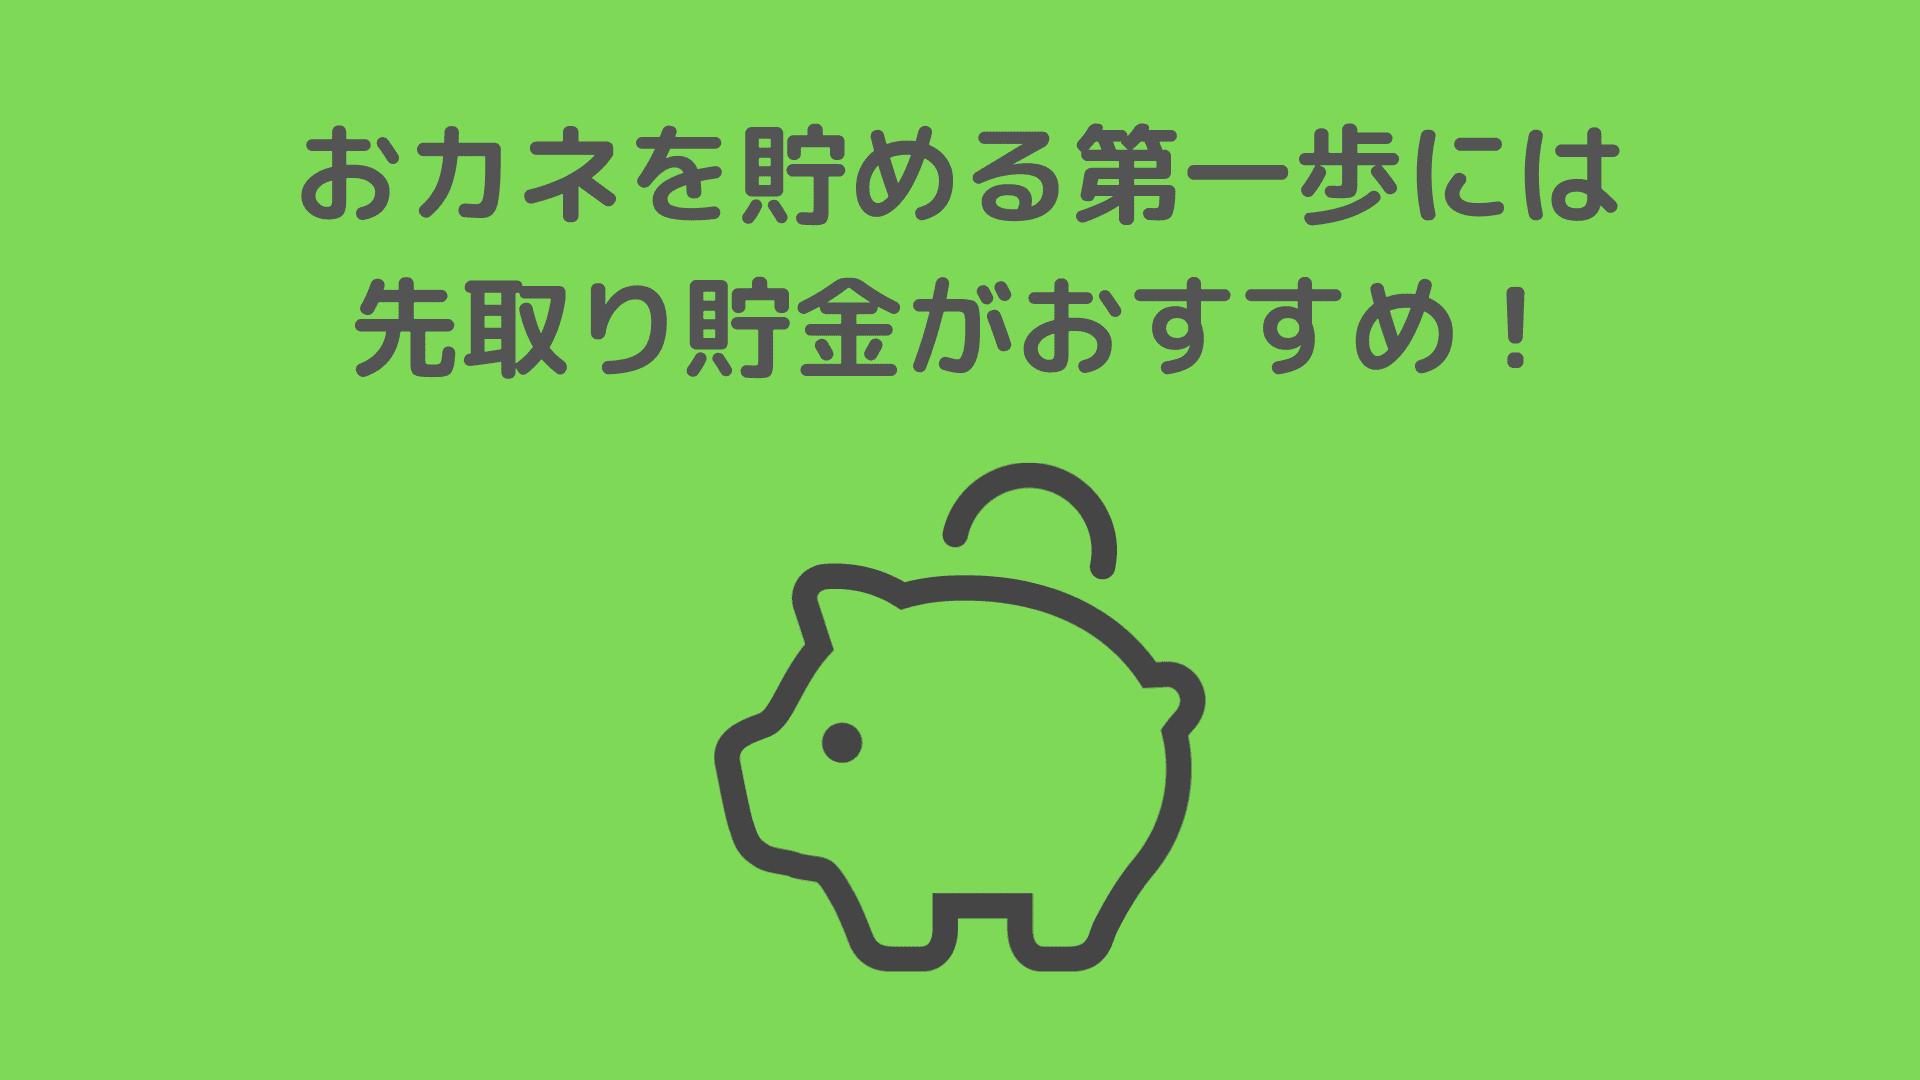 おカネを貯める第一歩には先取り貯金がおすすめ!